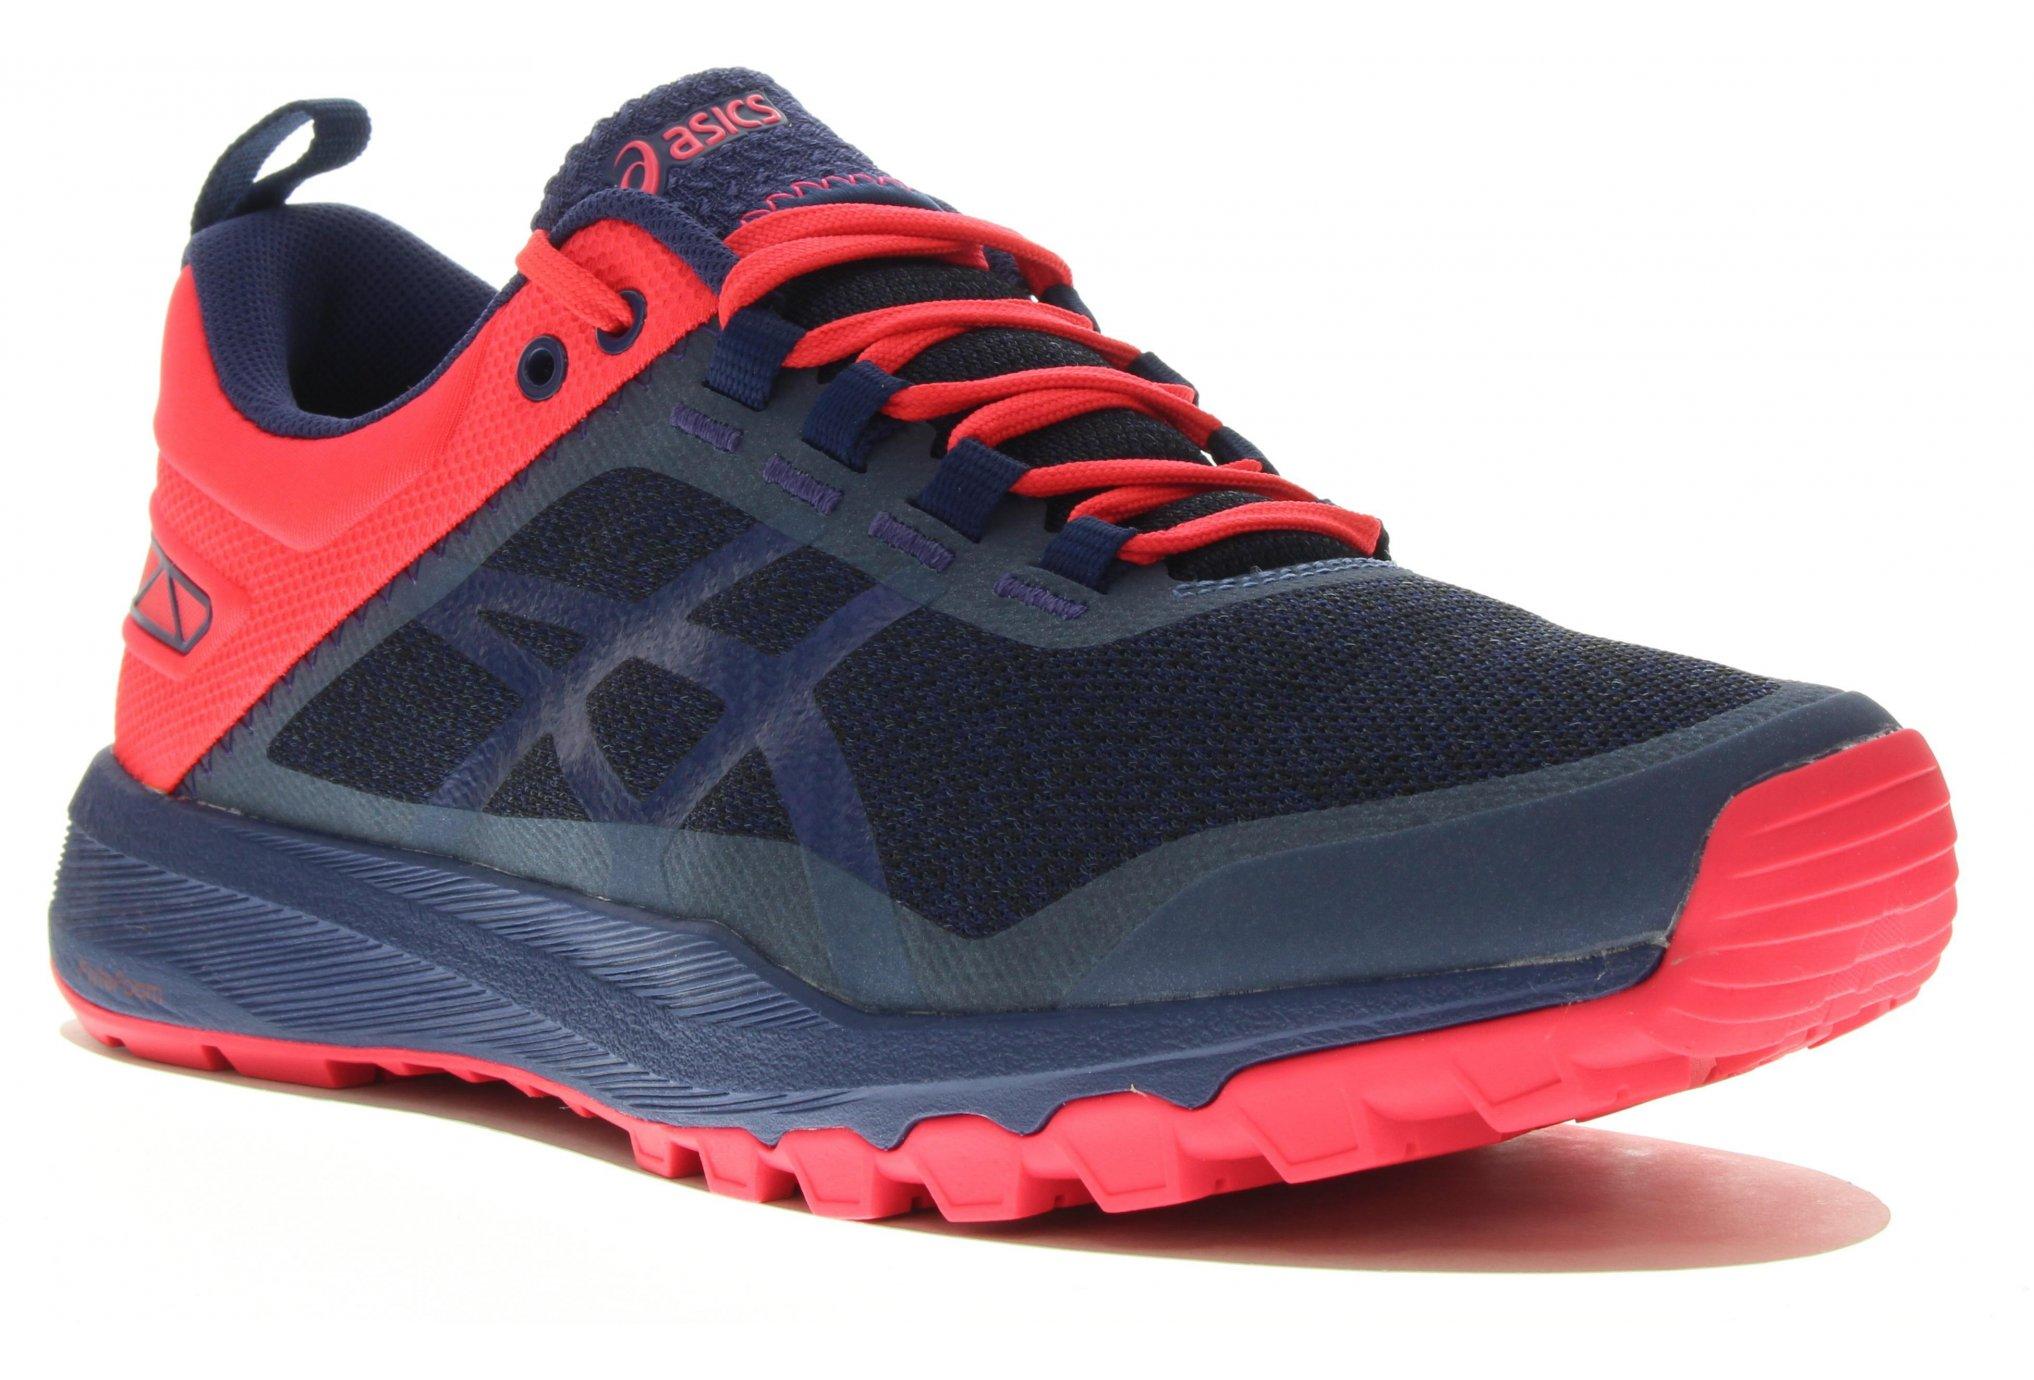 Asics Gecko XT Chaussures running femme